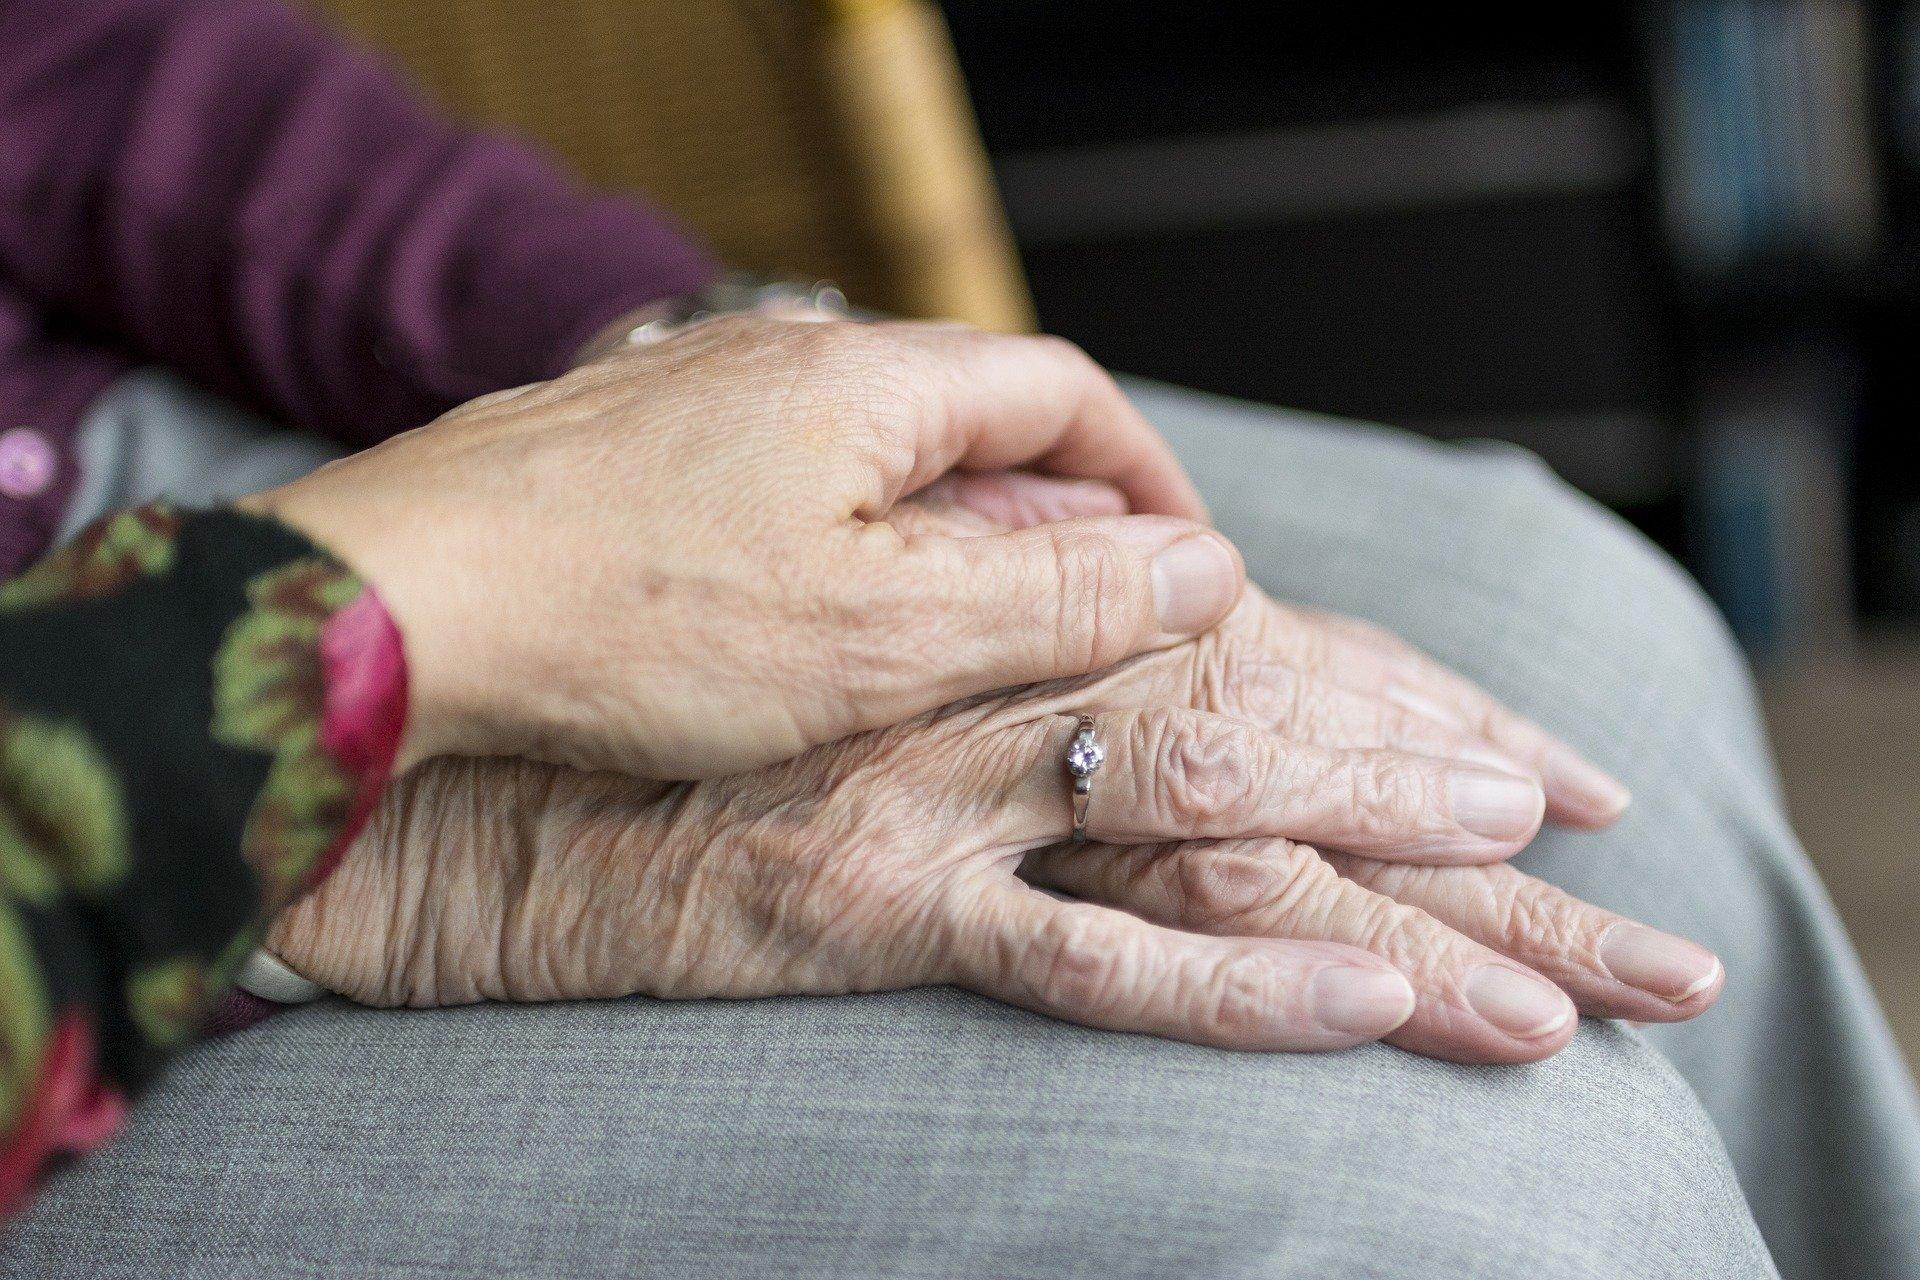 Kraj přidá peníze na péči o těžce nemocné a umírající